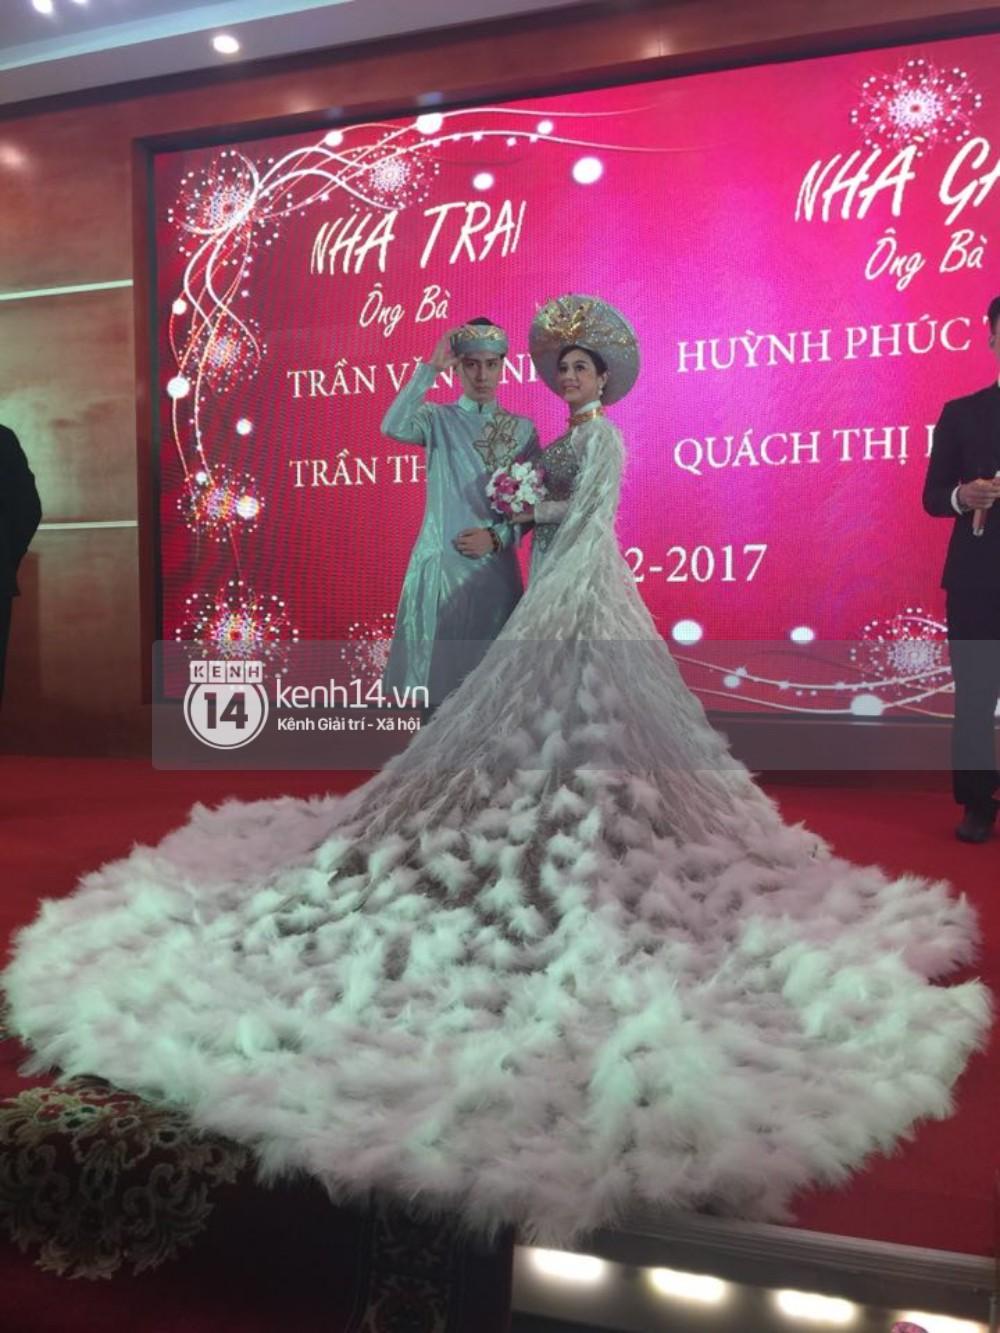 Lâm Khánh Chi hôn đắm đuối chú rể, thay váy đỏ nổi bần bật như công chúa trong lễ cưới - Ảnh 9.